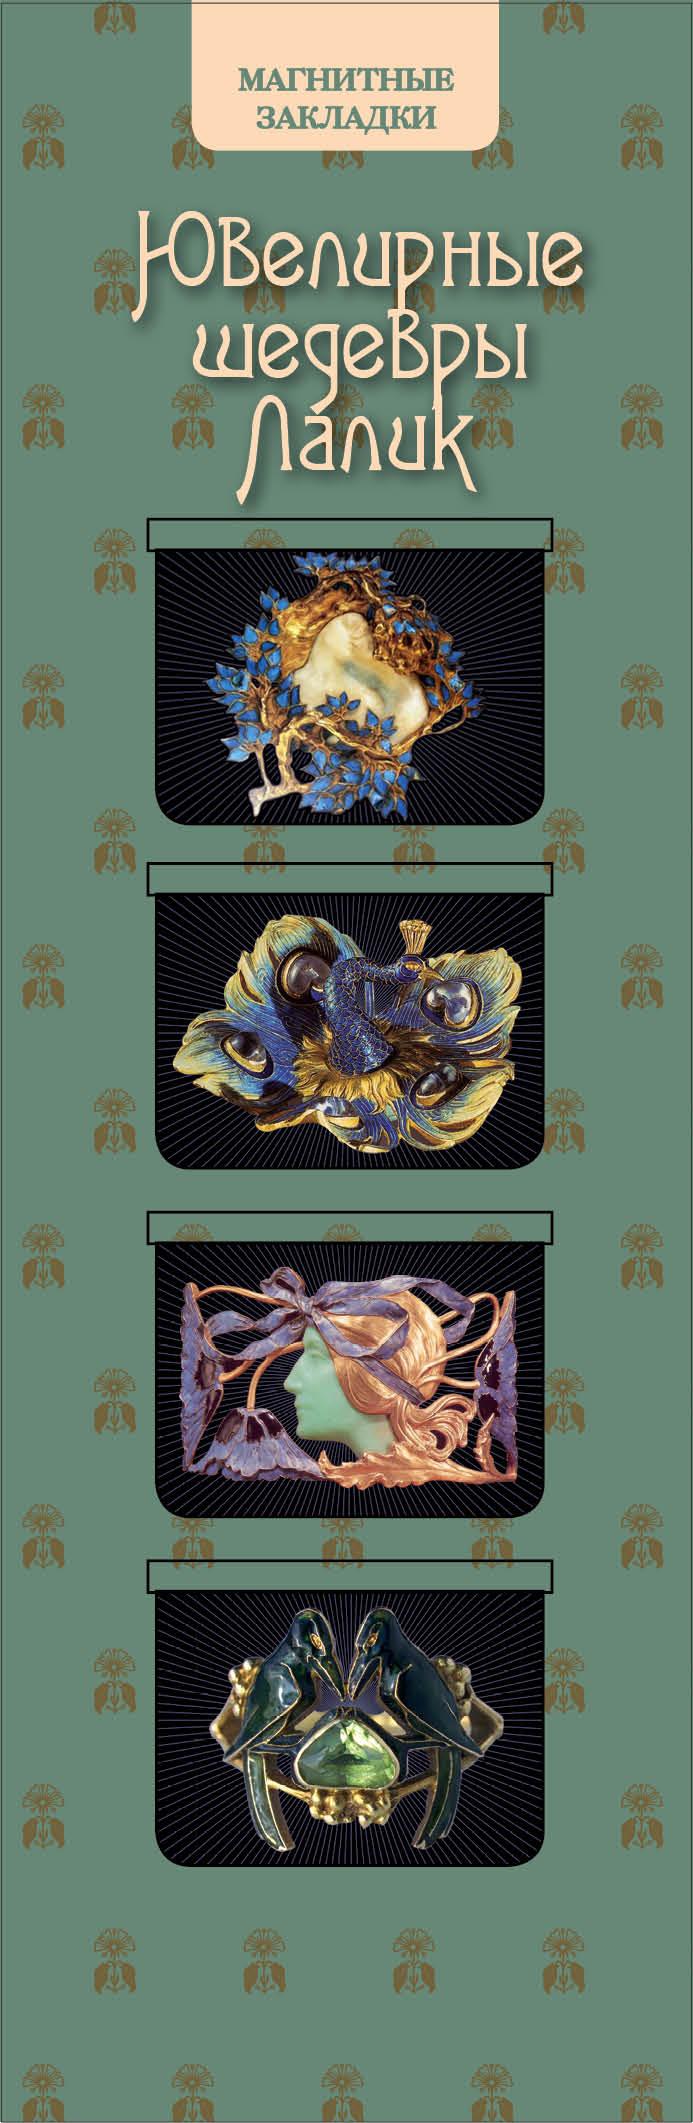 Ювелирные шедевры Лалик (набор из 4 магнитных закладок)